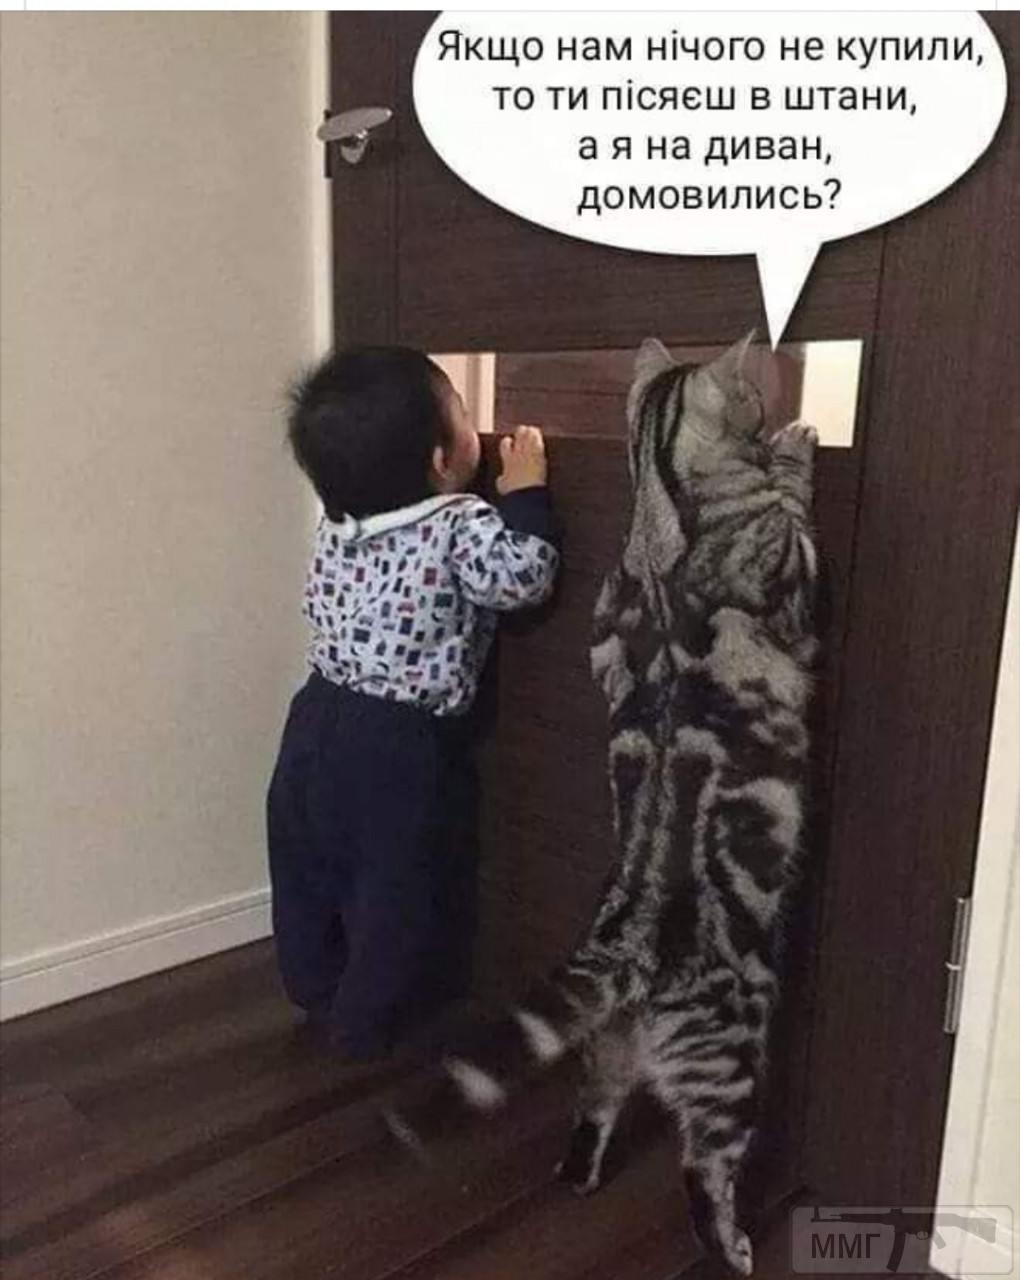 89657 - Смешные видео и фото с животными.